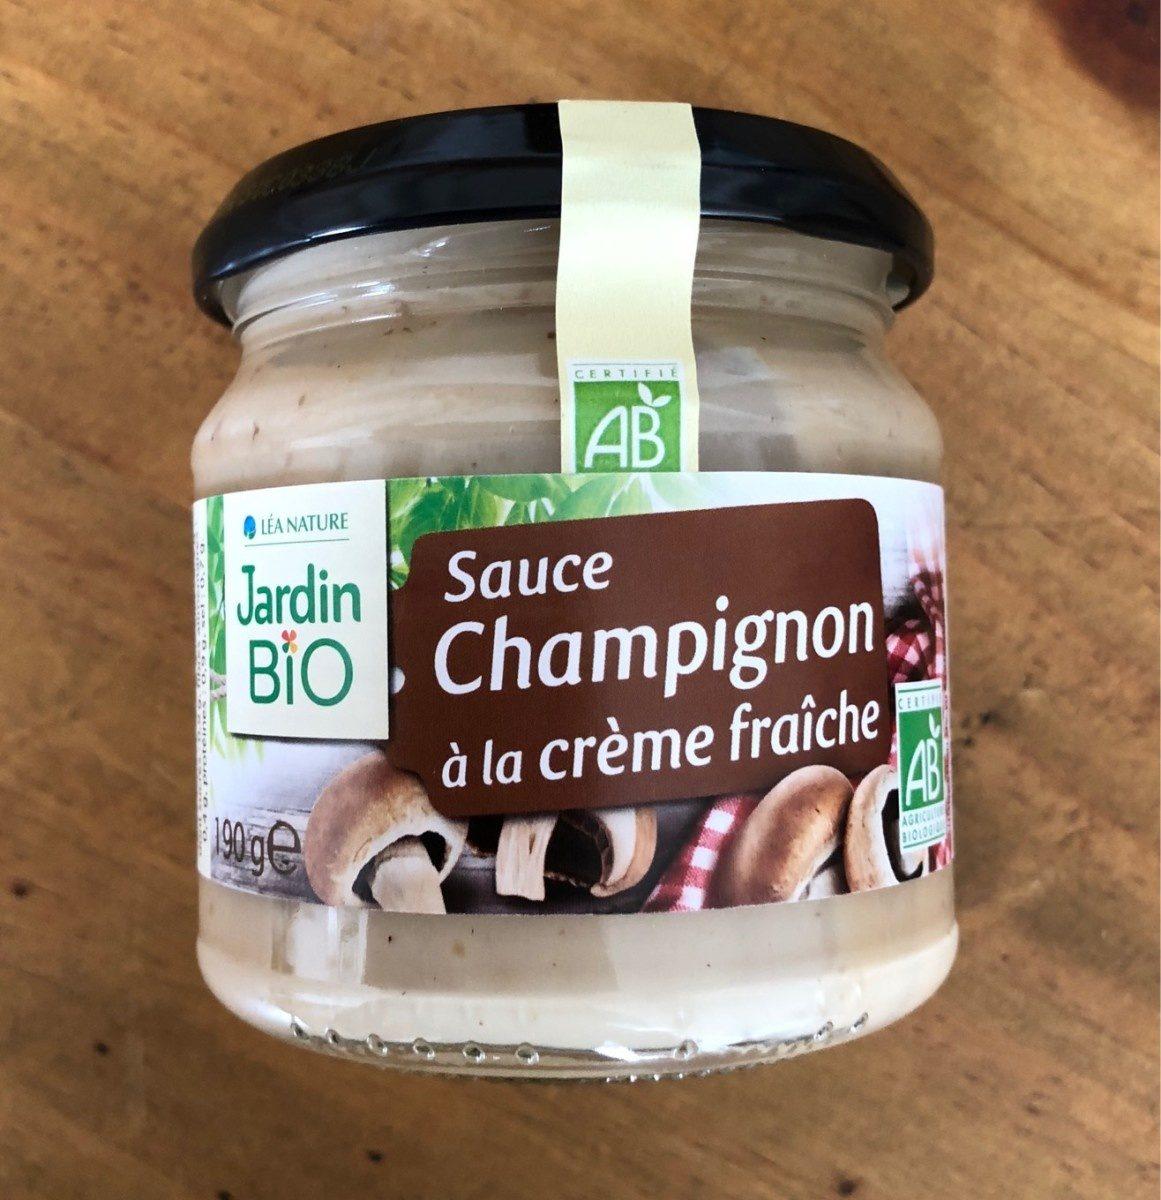 Sauce champignon à la crème fraîche - Produit